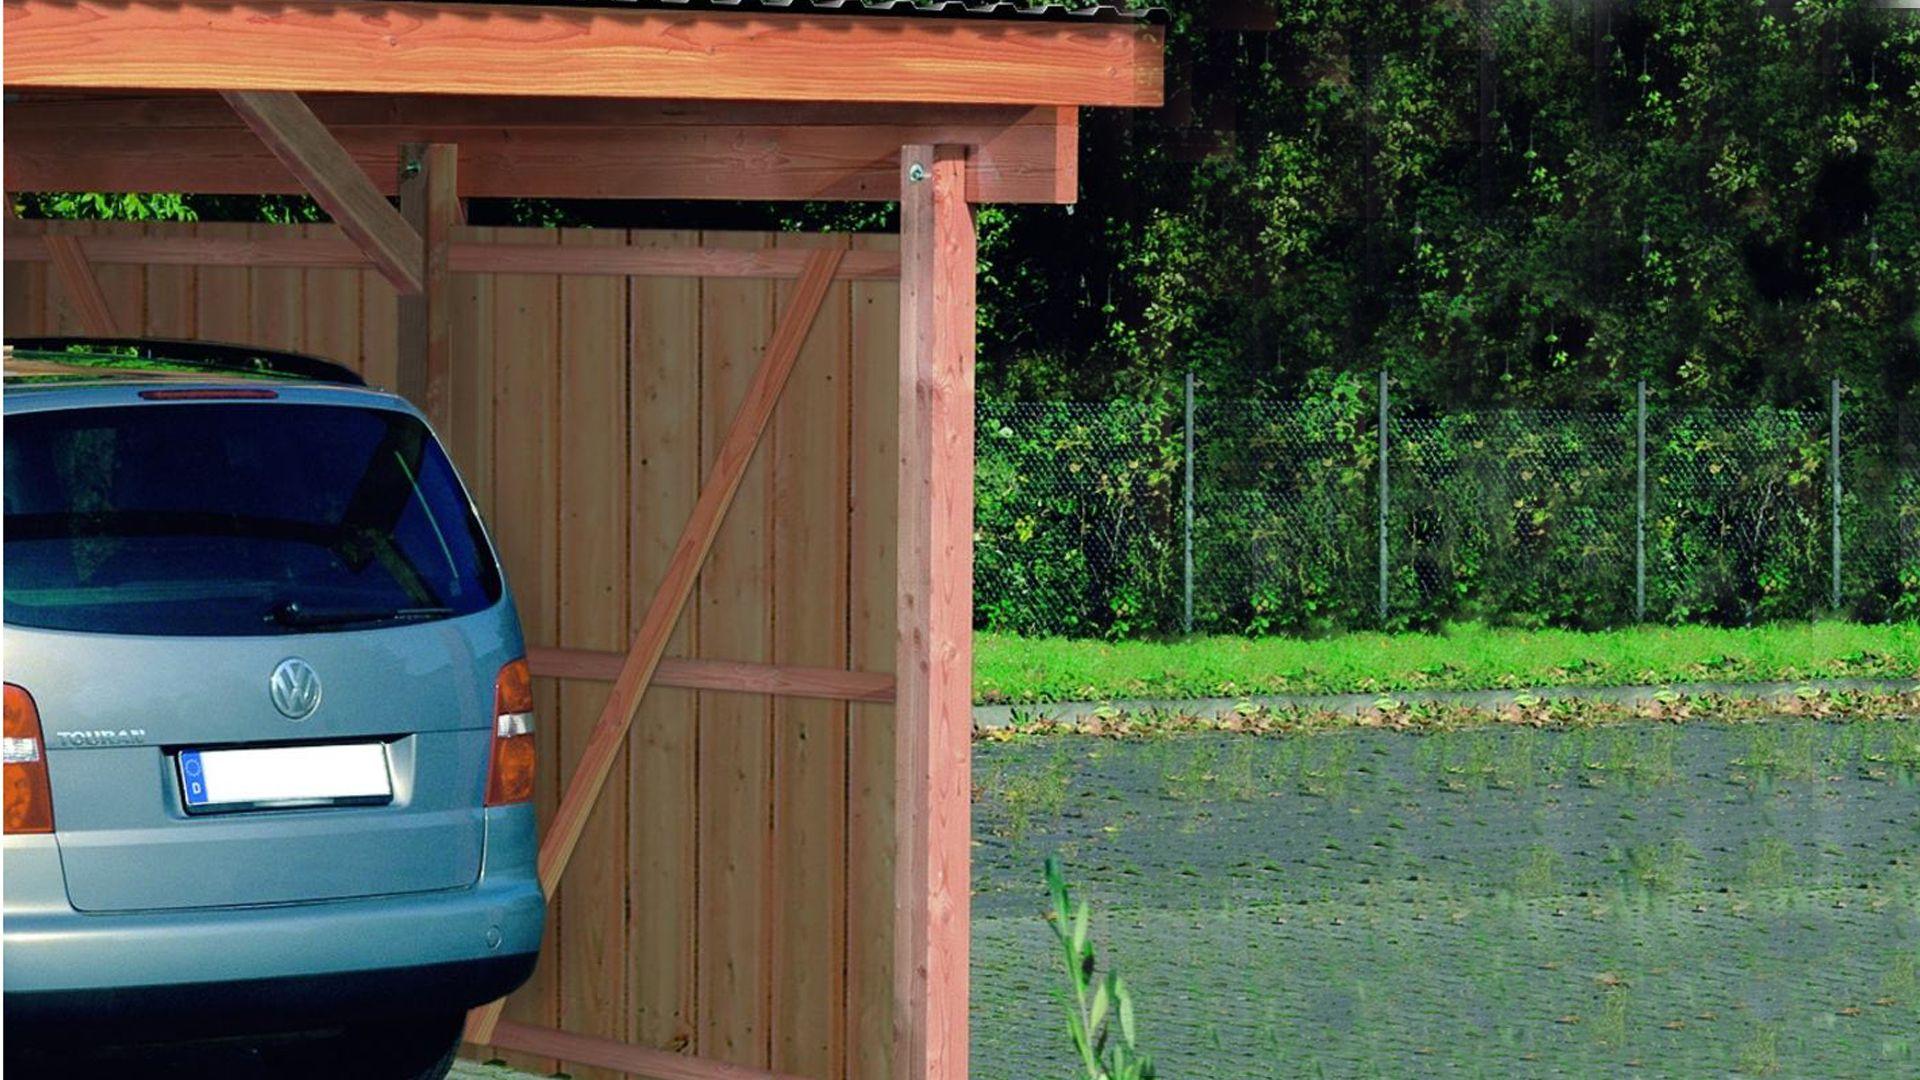 Pfosten f r r ckwand carport for Carport pfosten